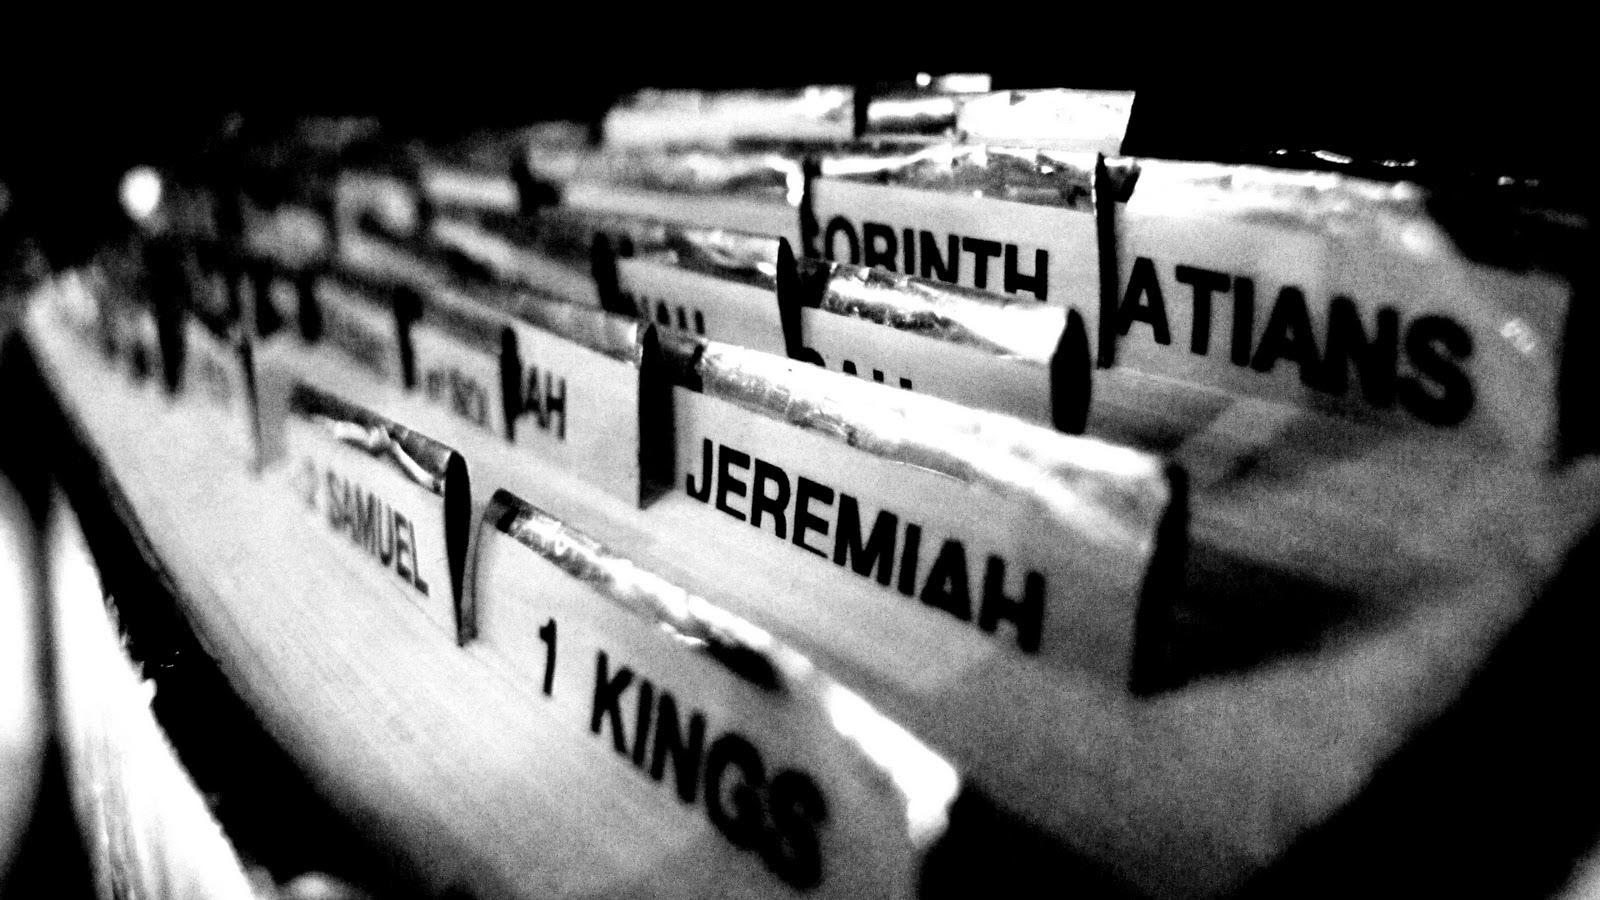 http://1.bp.blogspot.com/-uBAO5gUQpo8/UjooSBwfNJI/AAAAAAAAAUk/AKZD5YbOOvA/s1600/bible-2.jpg